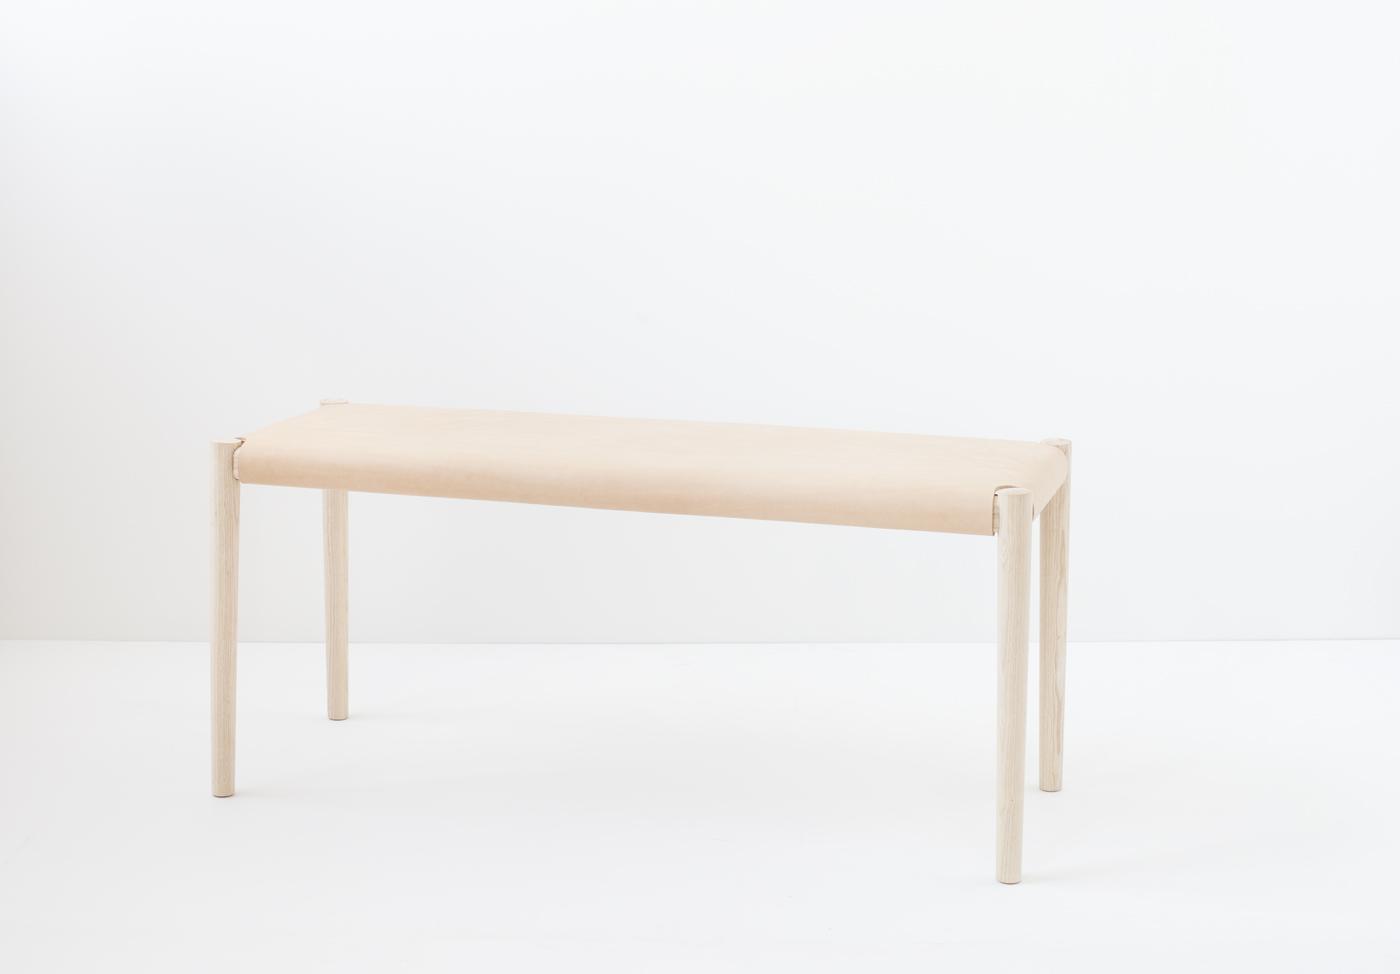 MO bench